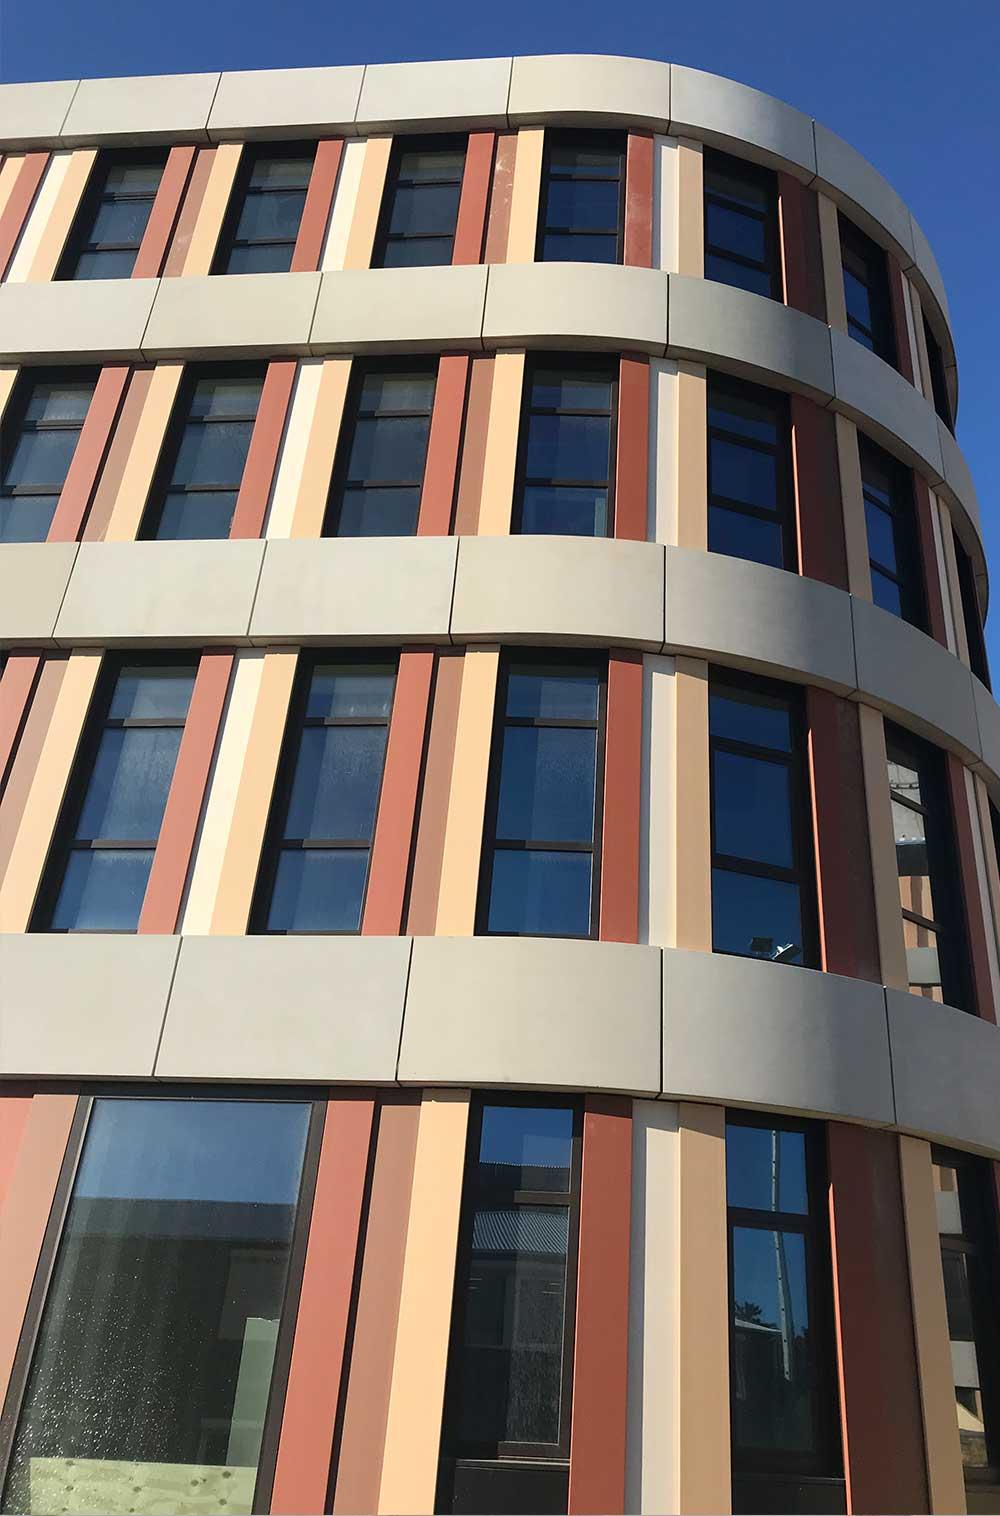 Amphia Hospital hoek closeup